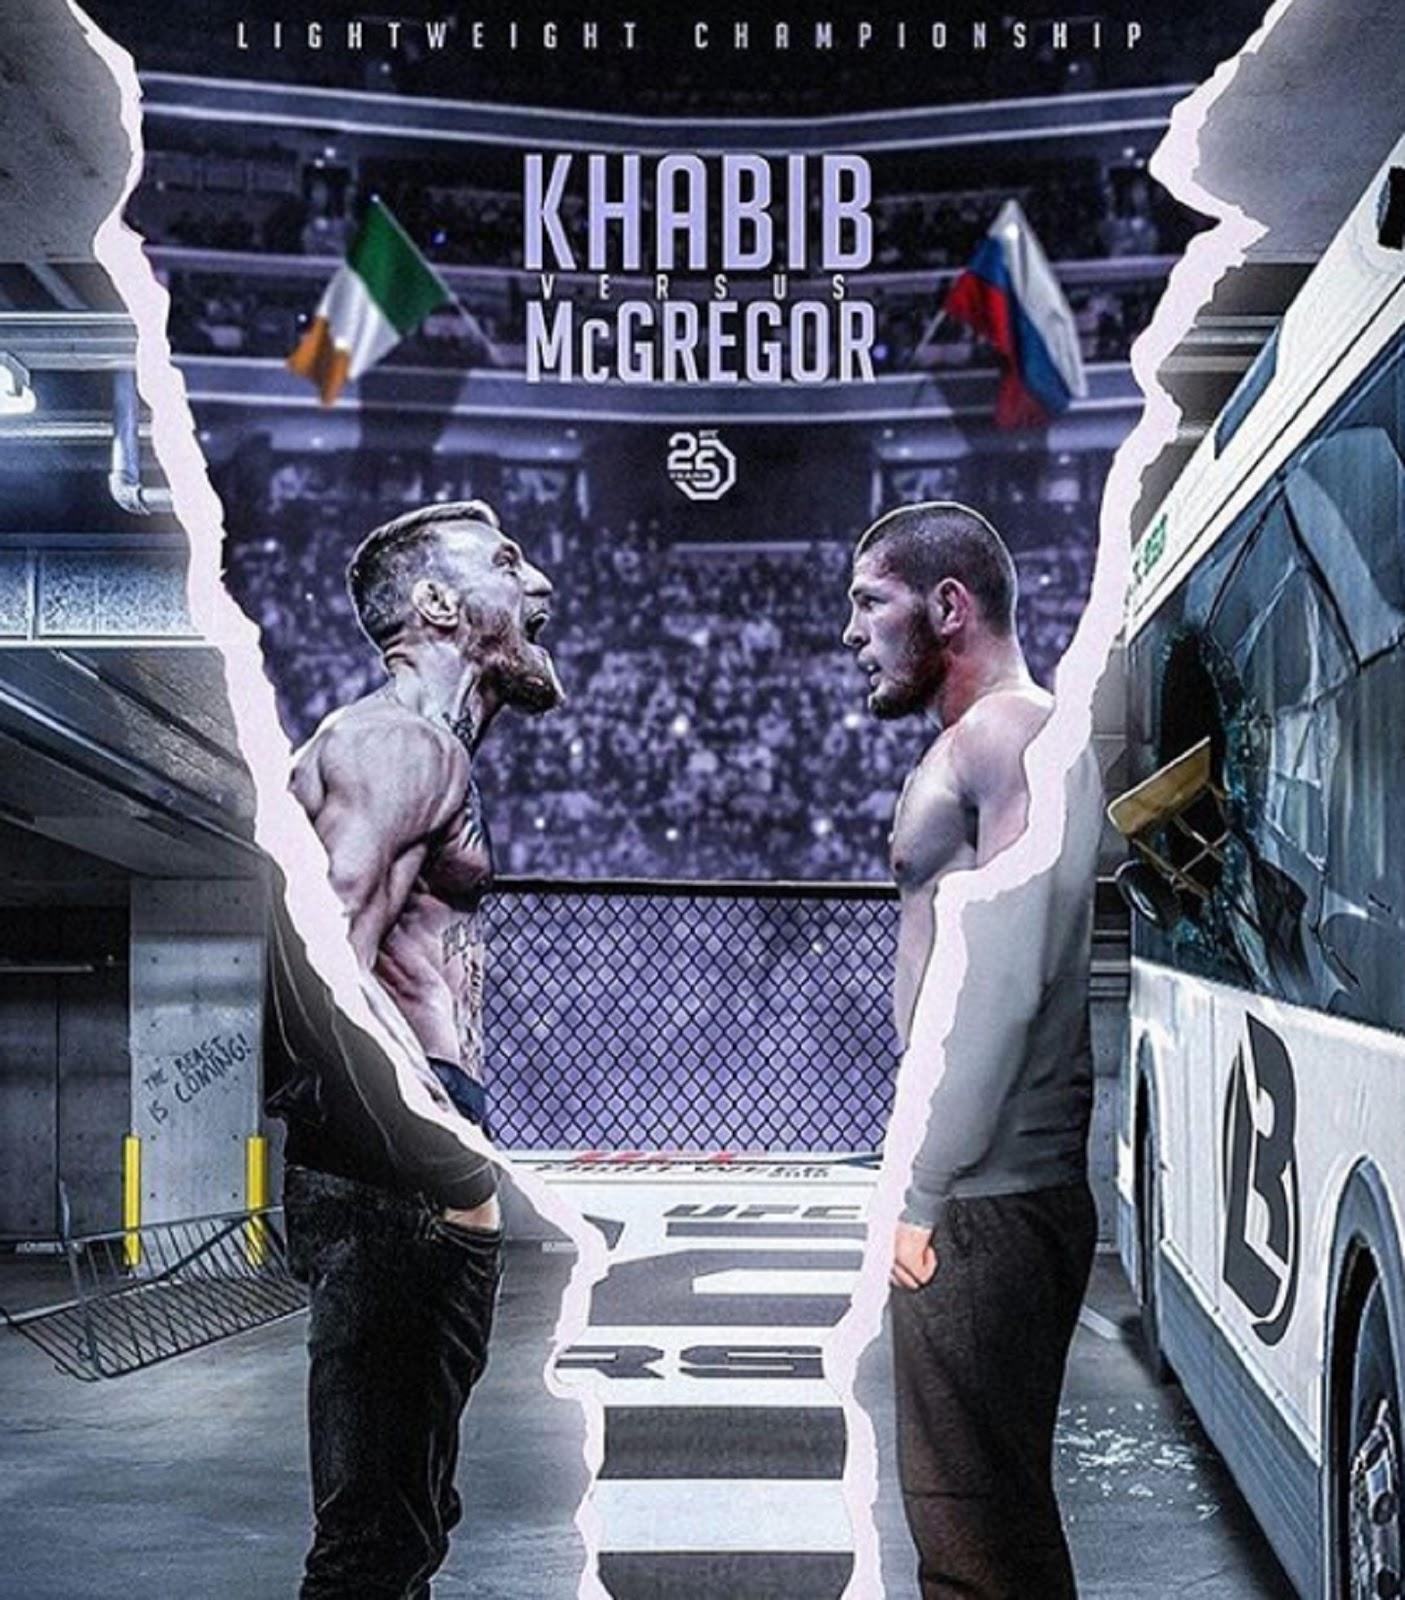 CONOR MCGREGOR VS.  KHABIB NURMAGOMEDOV 3